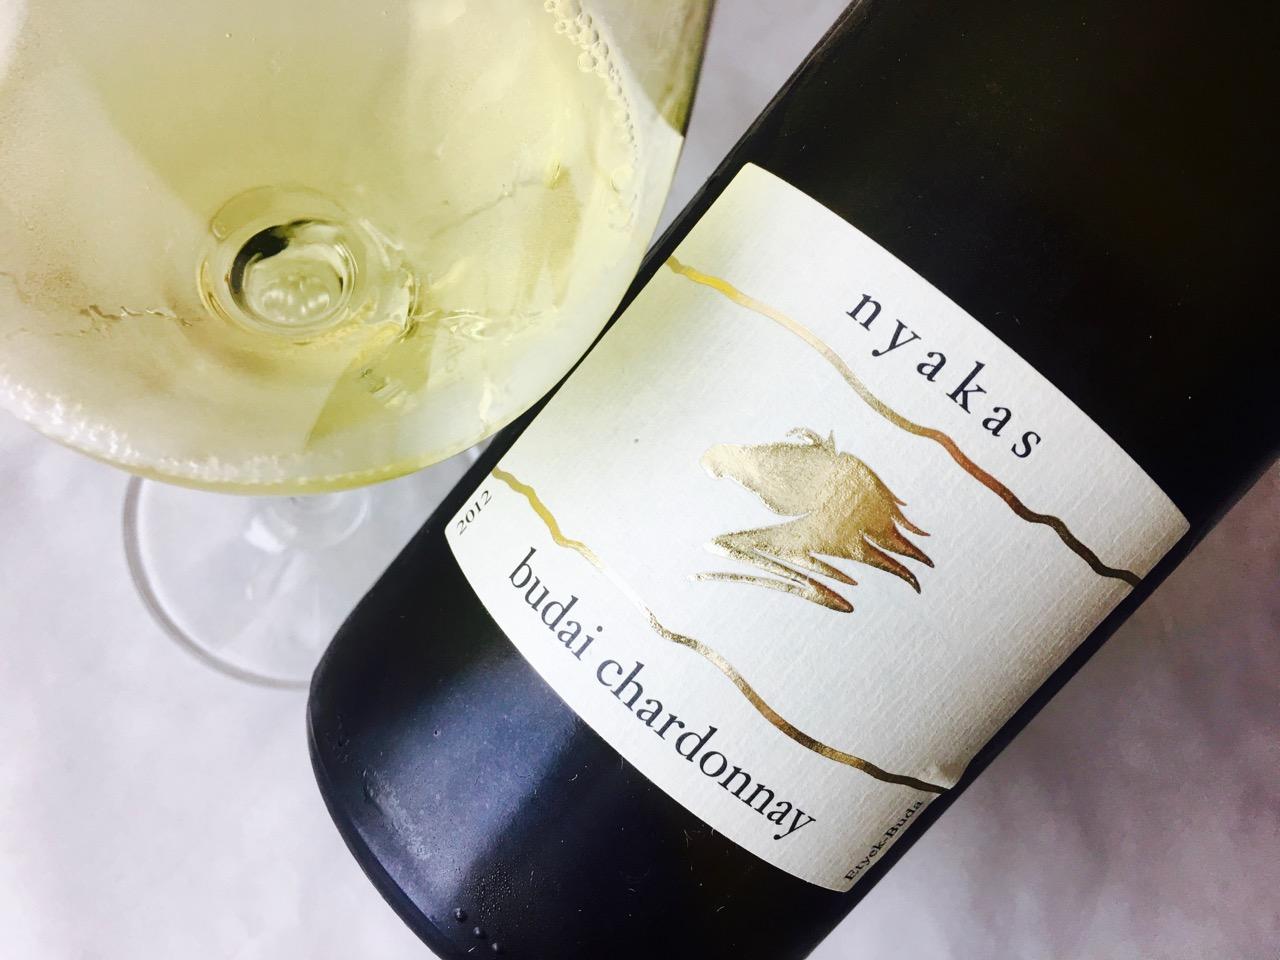 2012 Nyakas Chardonnay Etyek-Buda